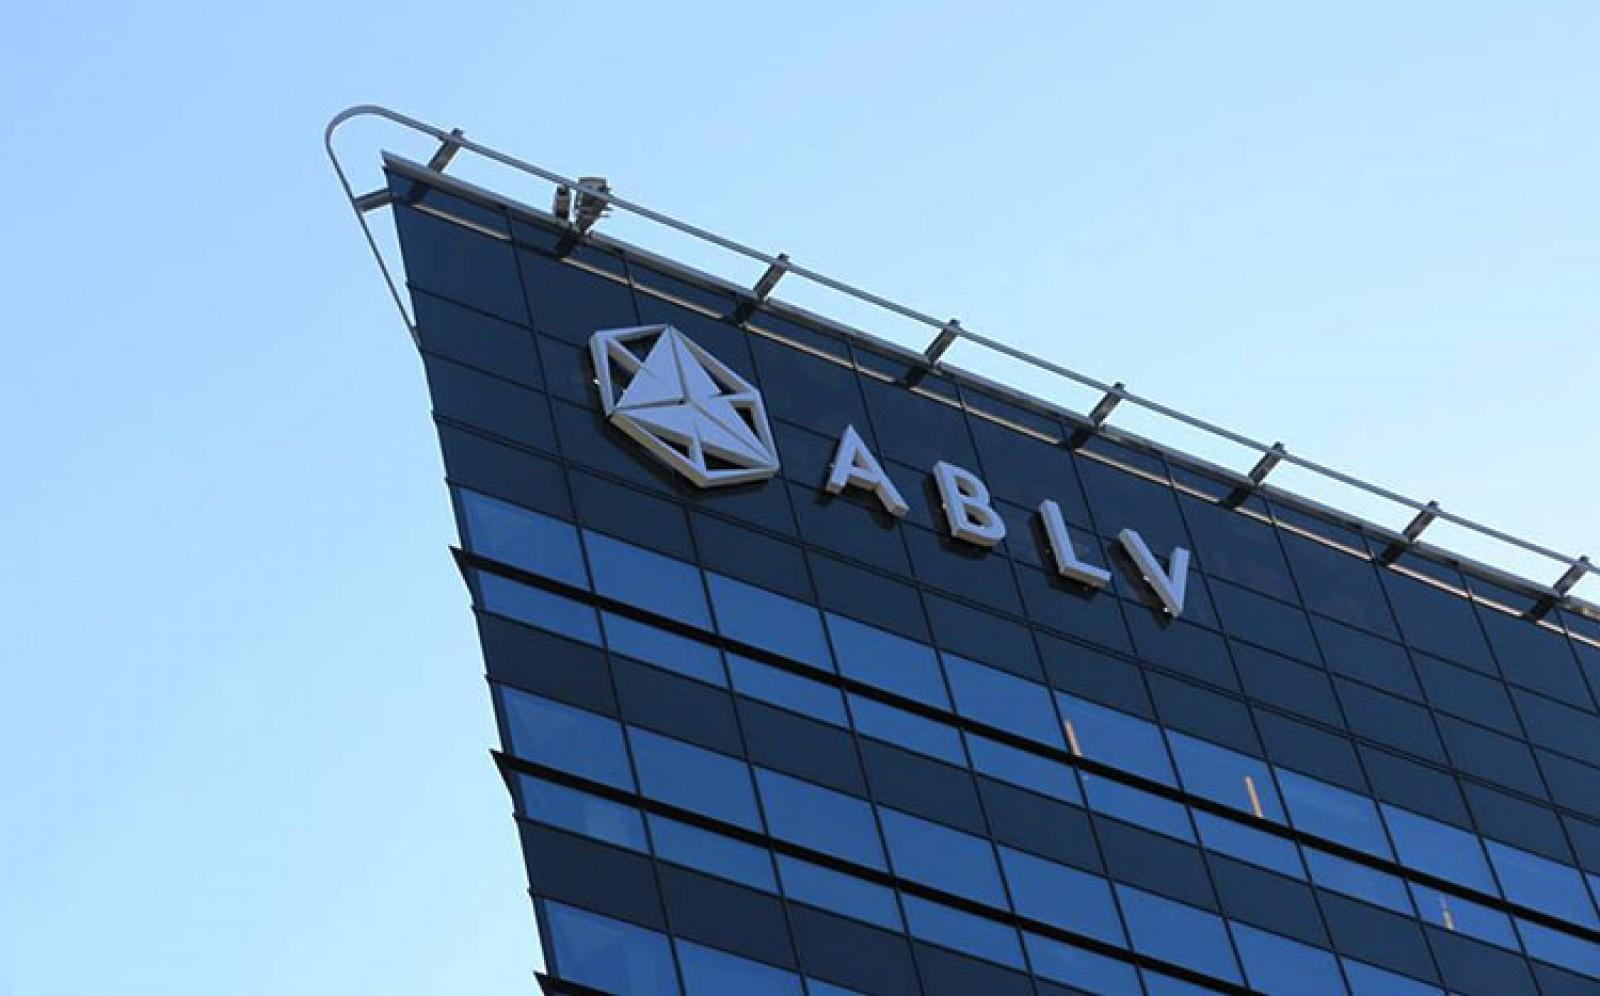 Unei bănci din Letonia, implicată în furtul miliardului din RM, i s-a închis accesul către sistemul financiar din SUA: Are legături cu programul de înarmare al Coreei de Nord